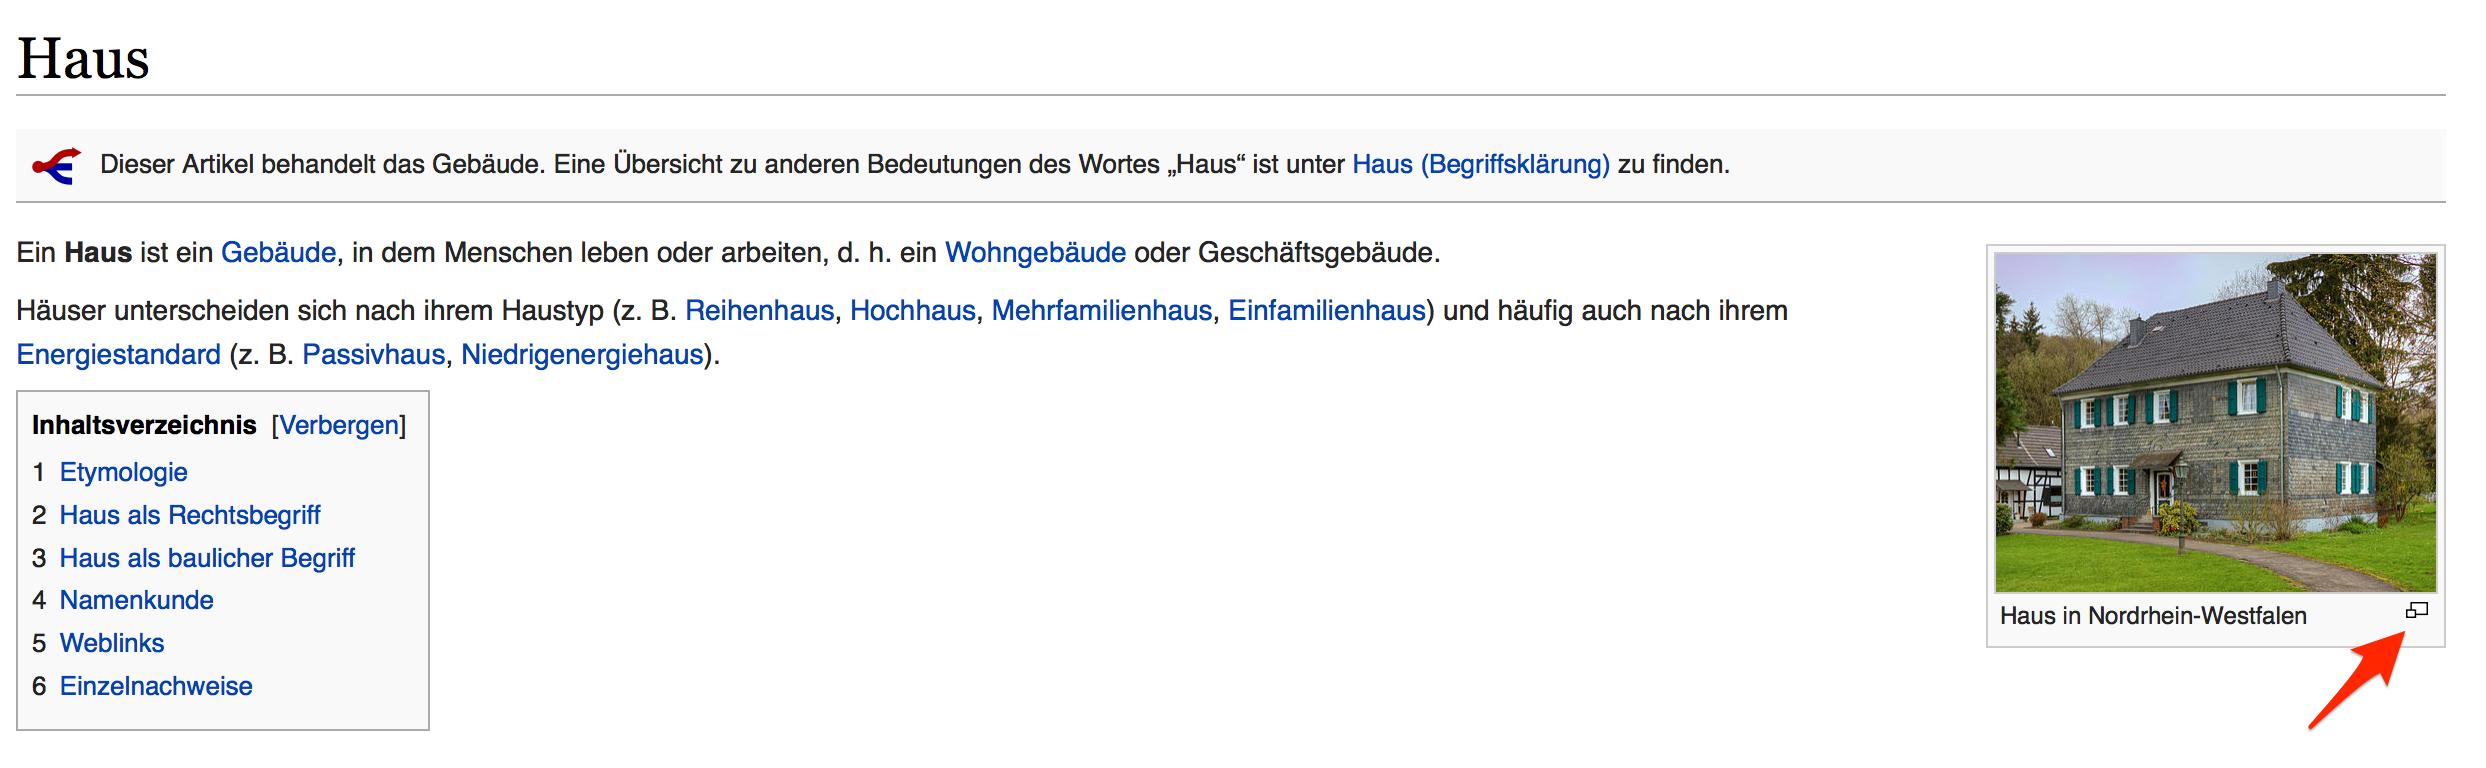 wikipedia-bilder-nutzen